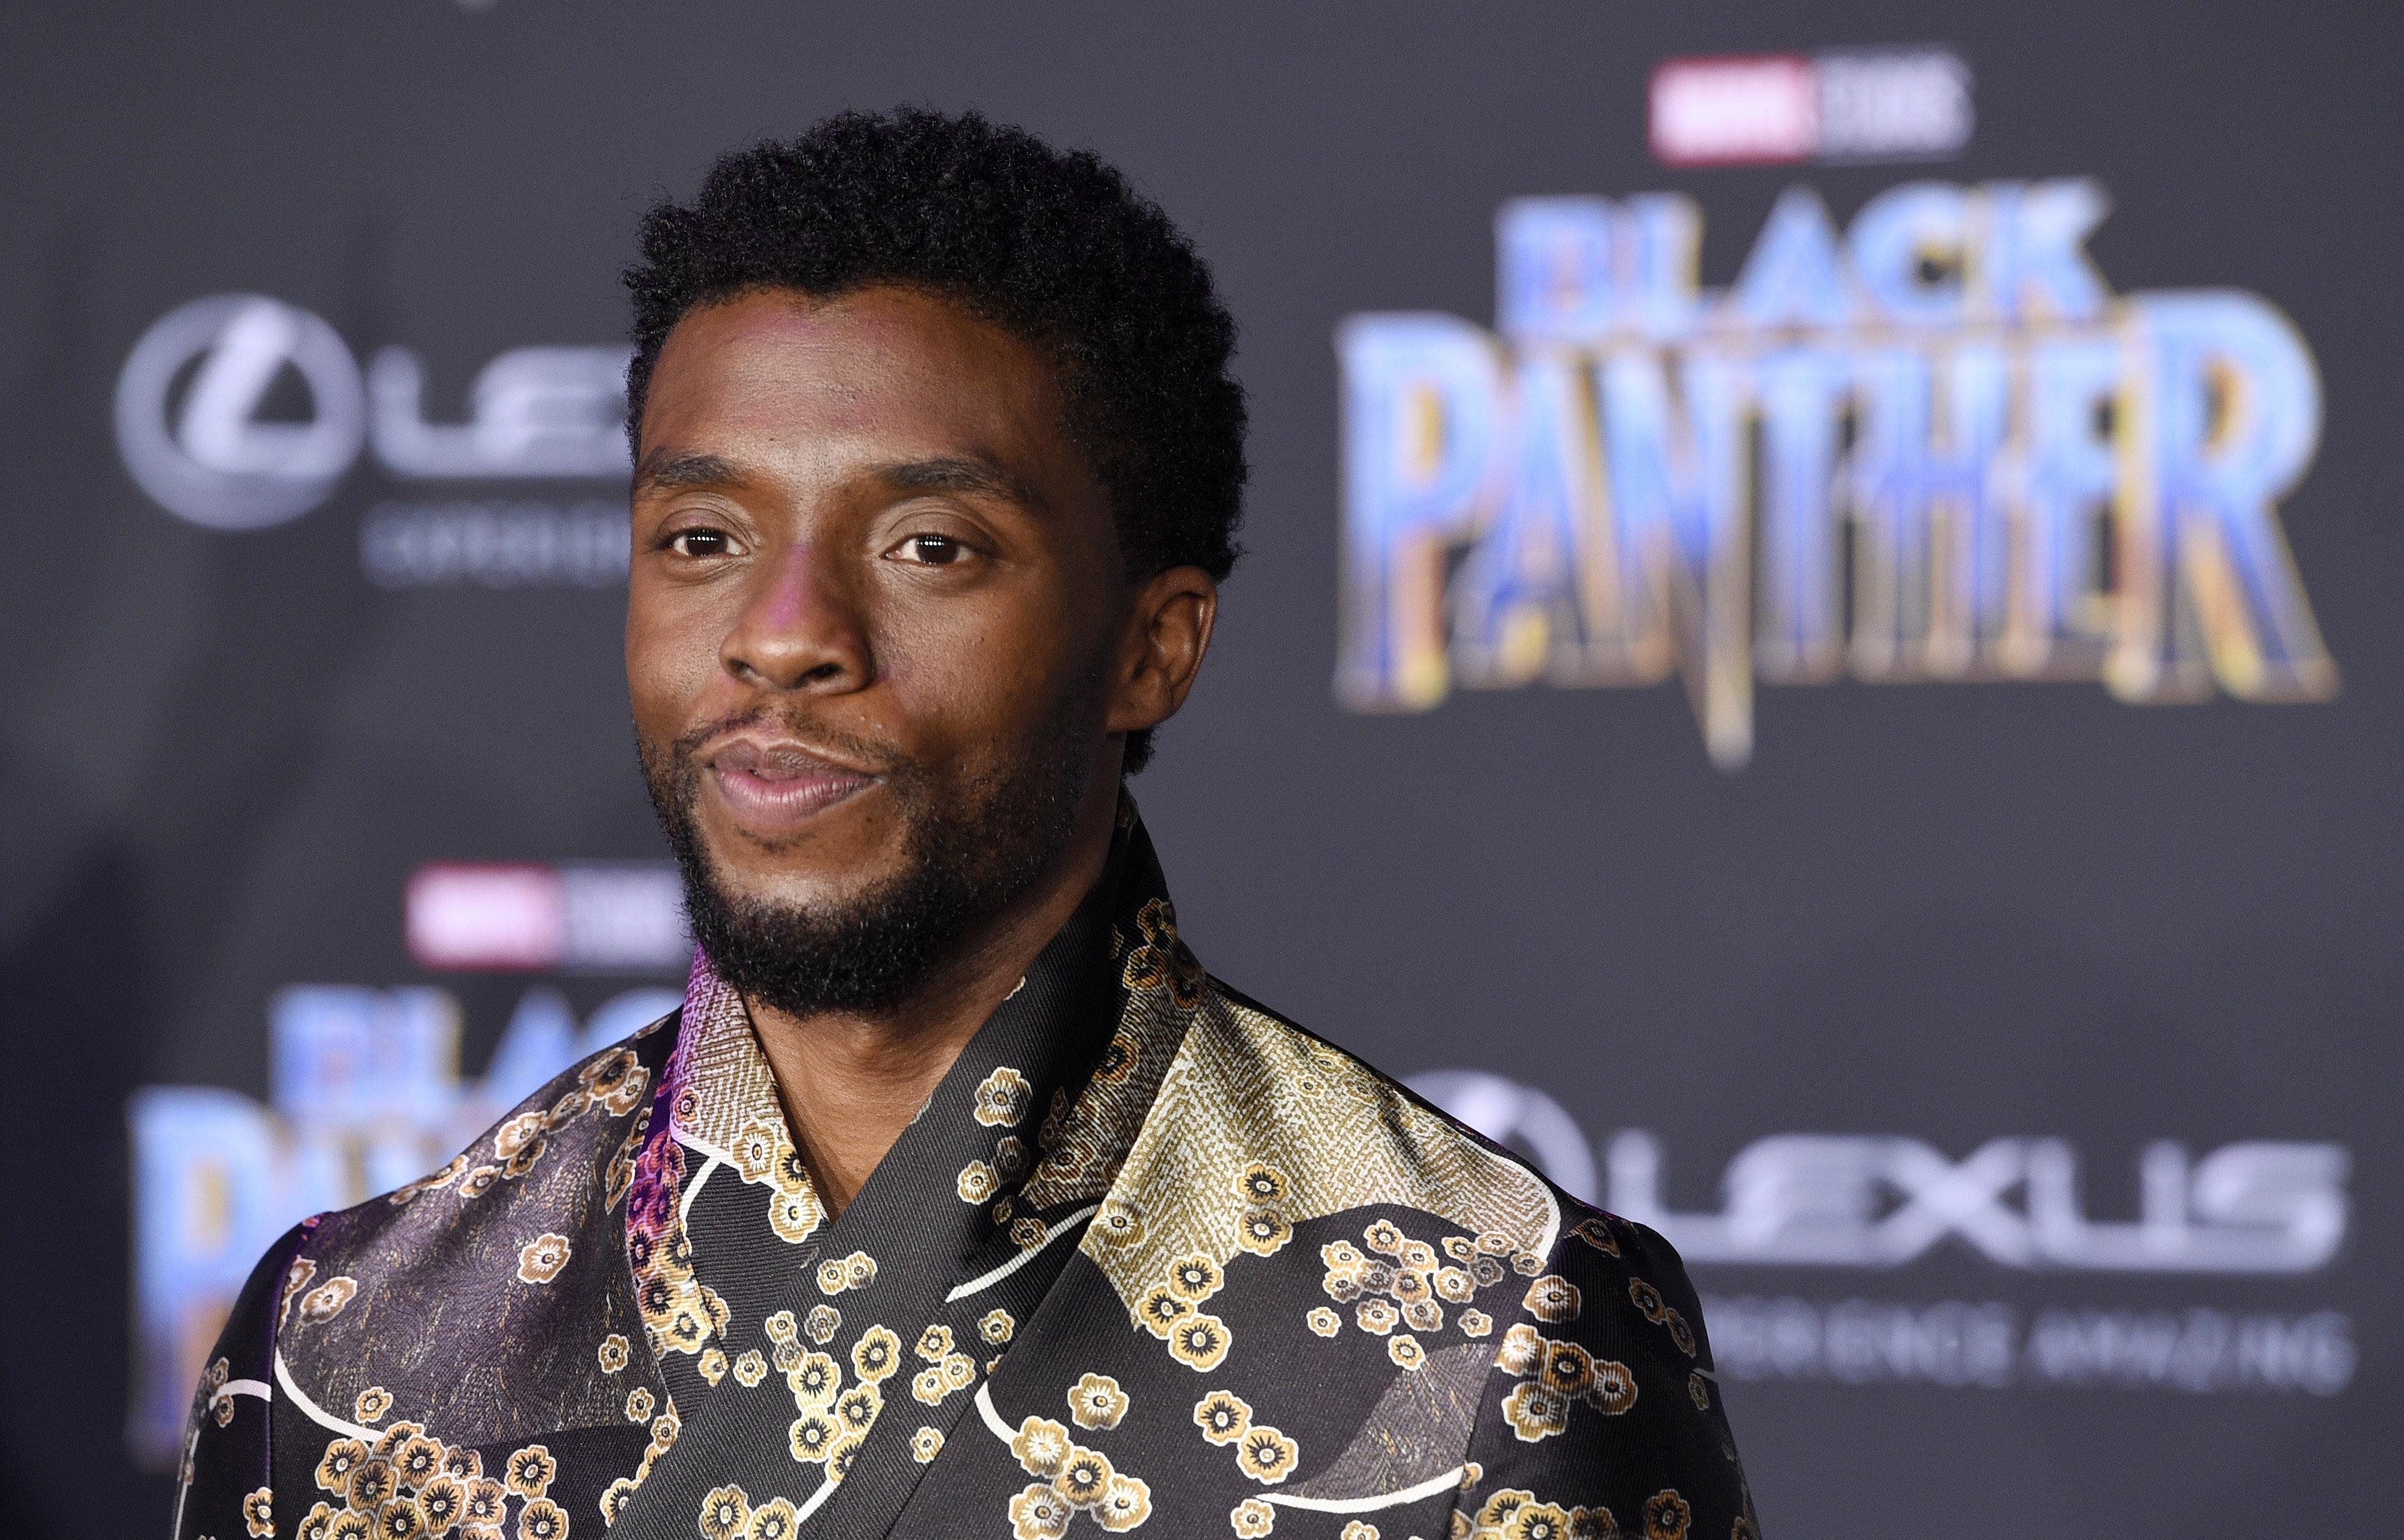 """ARCHIVO - Chadwick Boseman del elenco de """"Black Panther"""" posa en el estreno de la película en el Teatro Dolby en Los Angeles en una fotografía de archivo del 29 de enero de 2018. El lenguaje usado en el reino ficticio de Wakanda en """"Black Panther"""" es bastante real. Los chasquidos que hacen los personajes con su lengua forman parte del xhosa, uno de los 11 idiomas oficiales de Sudáfrica. (Foto Chris Pizzello/Invision/AP, archivo)"""